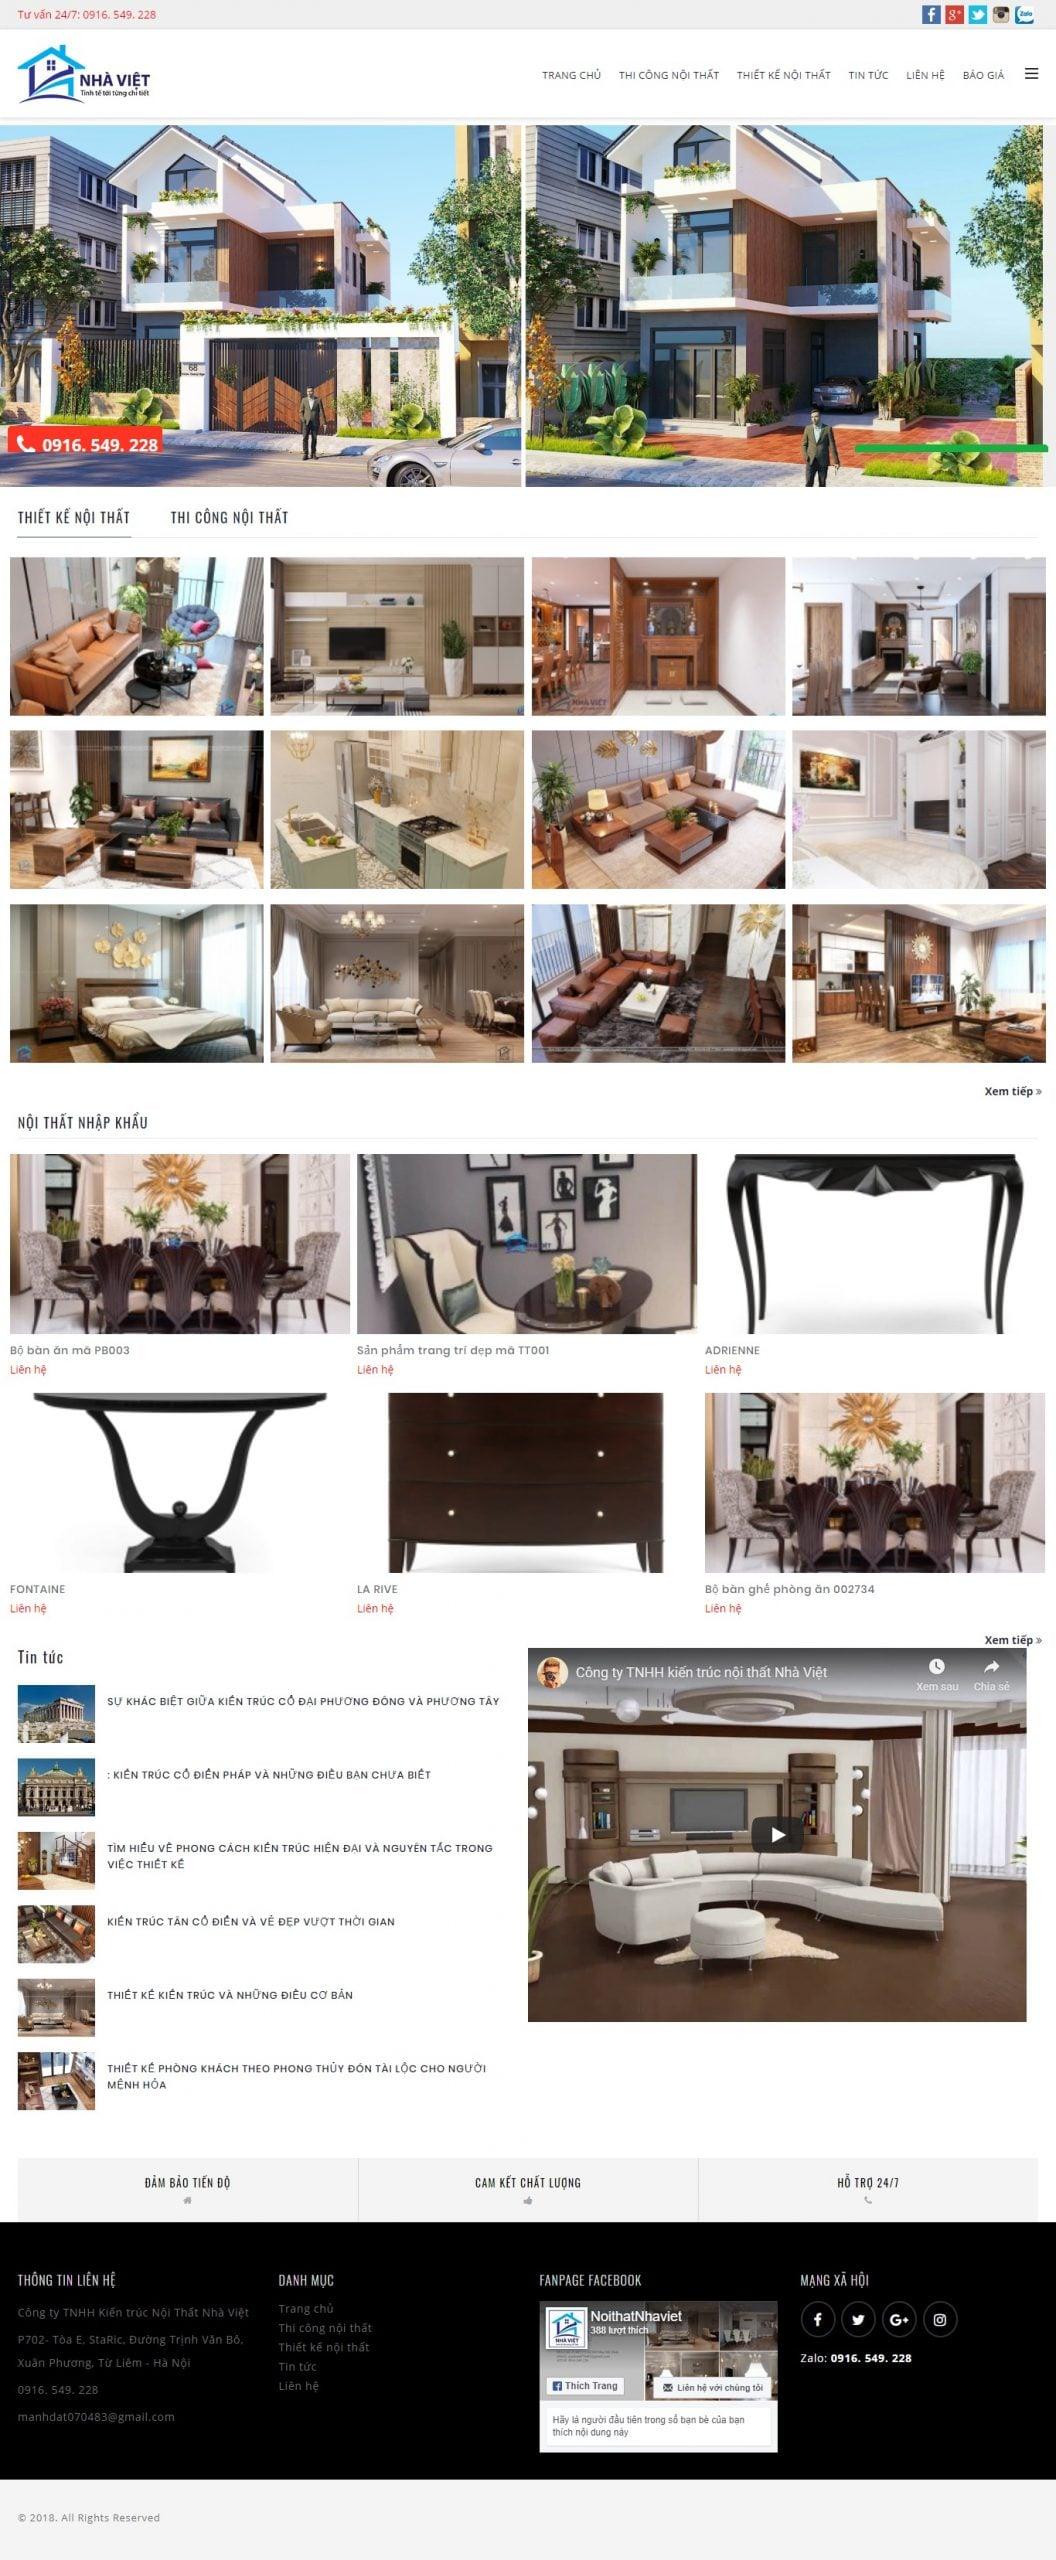 Mẫu thiết kế website bán hàng -thietkenoithatnhaviet.com Công ty TNHH kiến trúc nội thất Nhà Việt